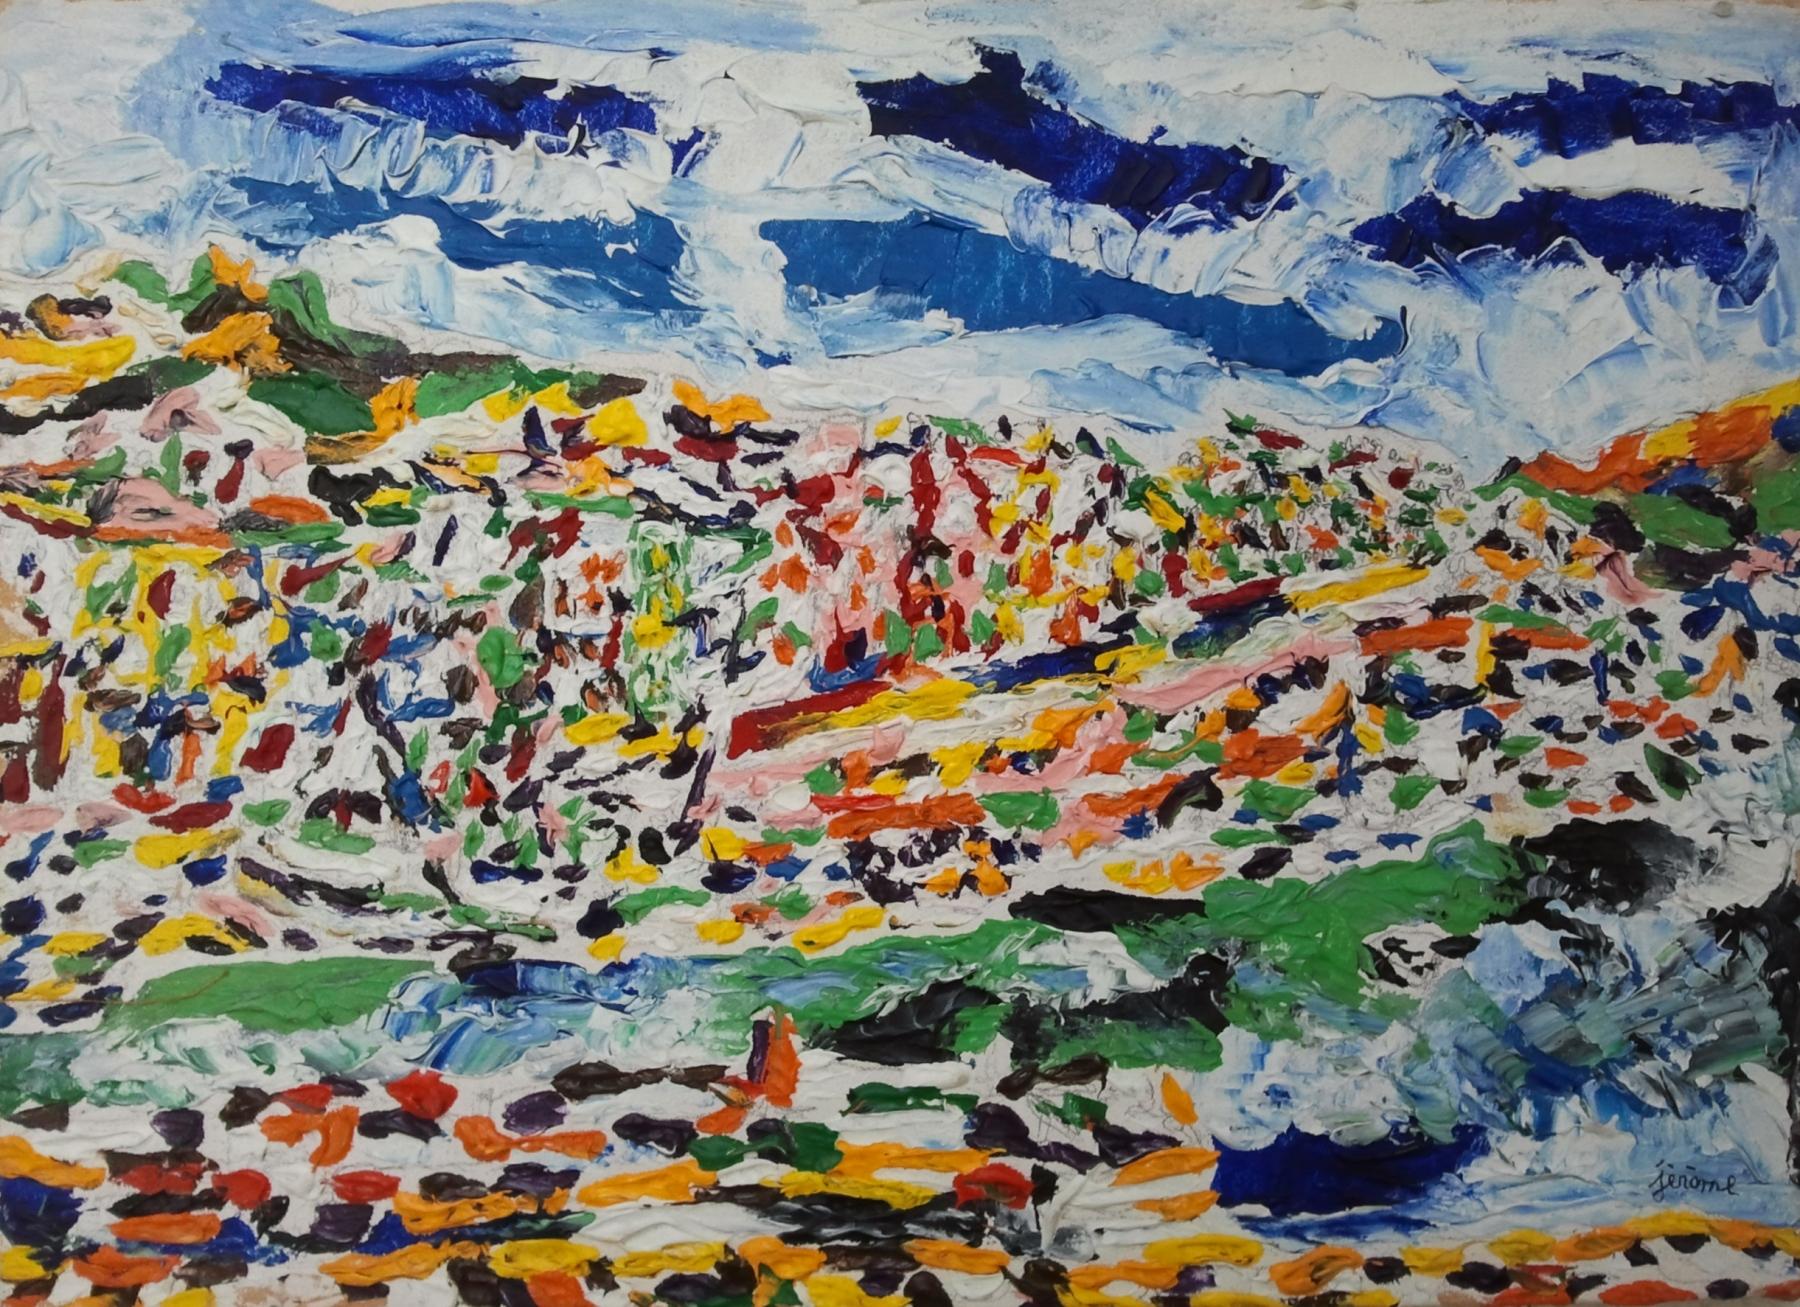 pezzillo jérome paysage multicolore avec bandes de ciel